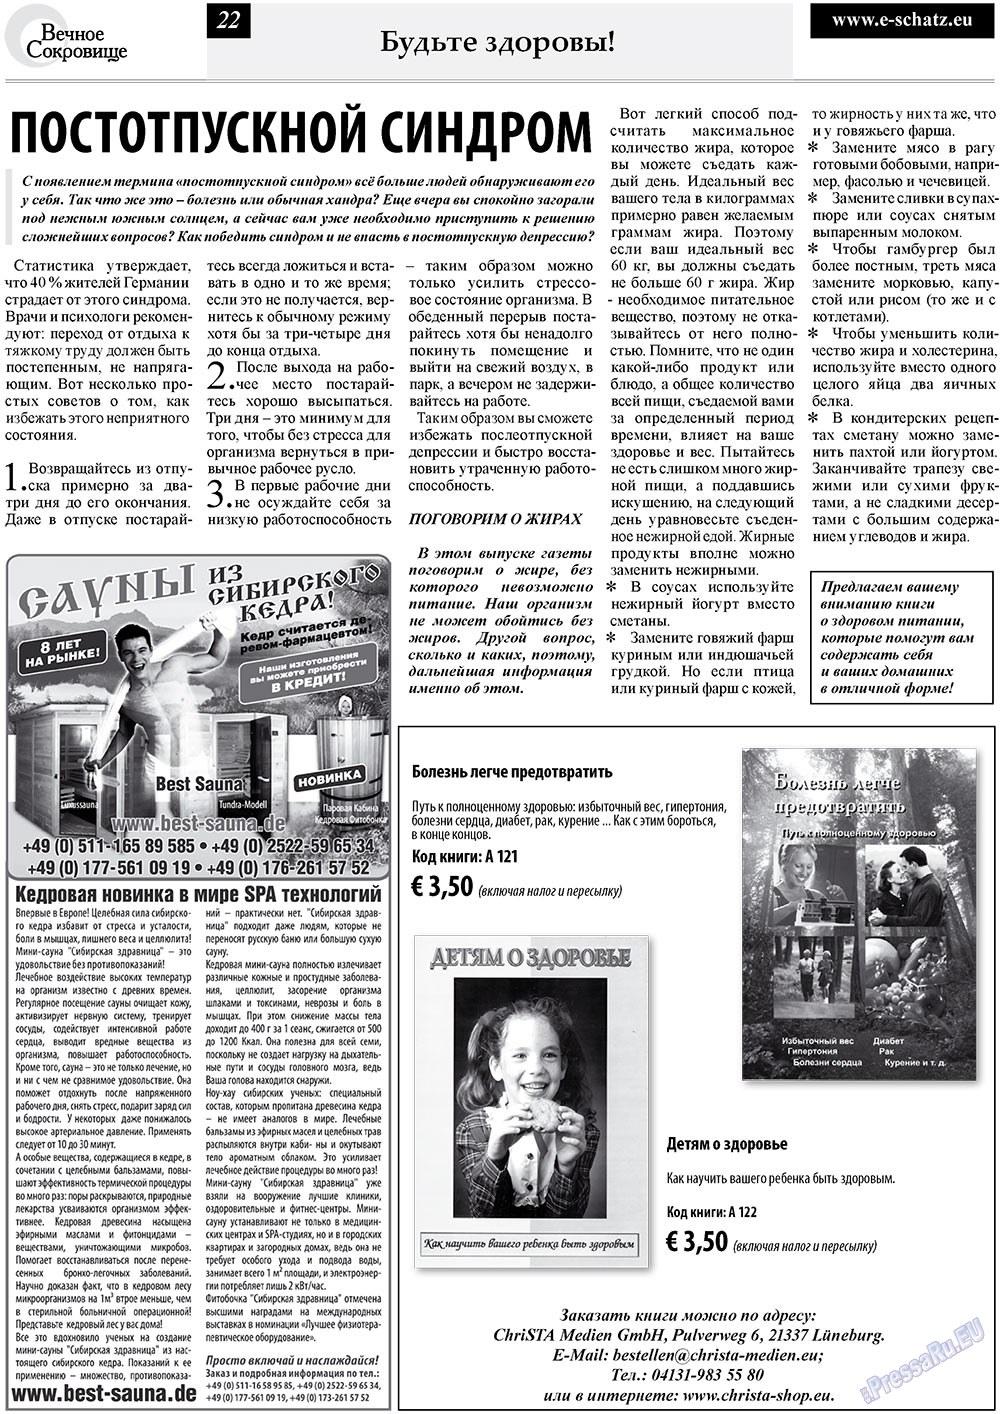 Вечное сокровище (газета). 2010 год, номер 3, стр. 22